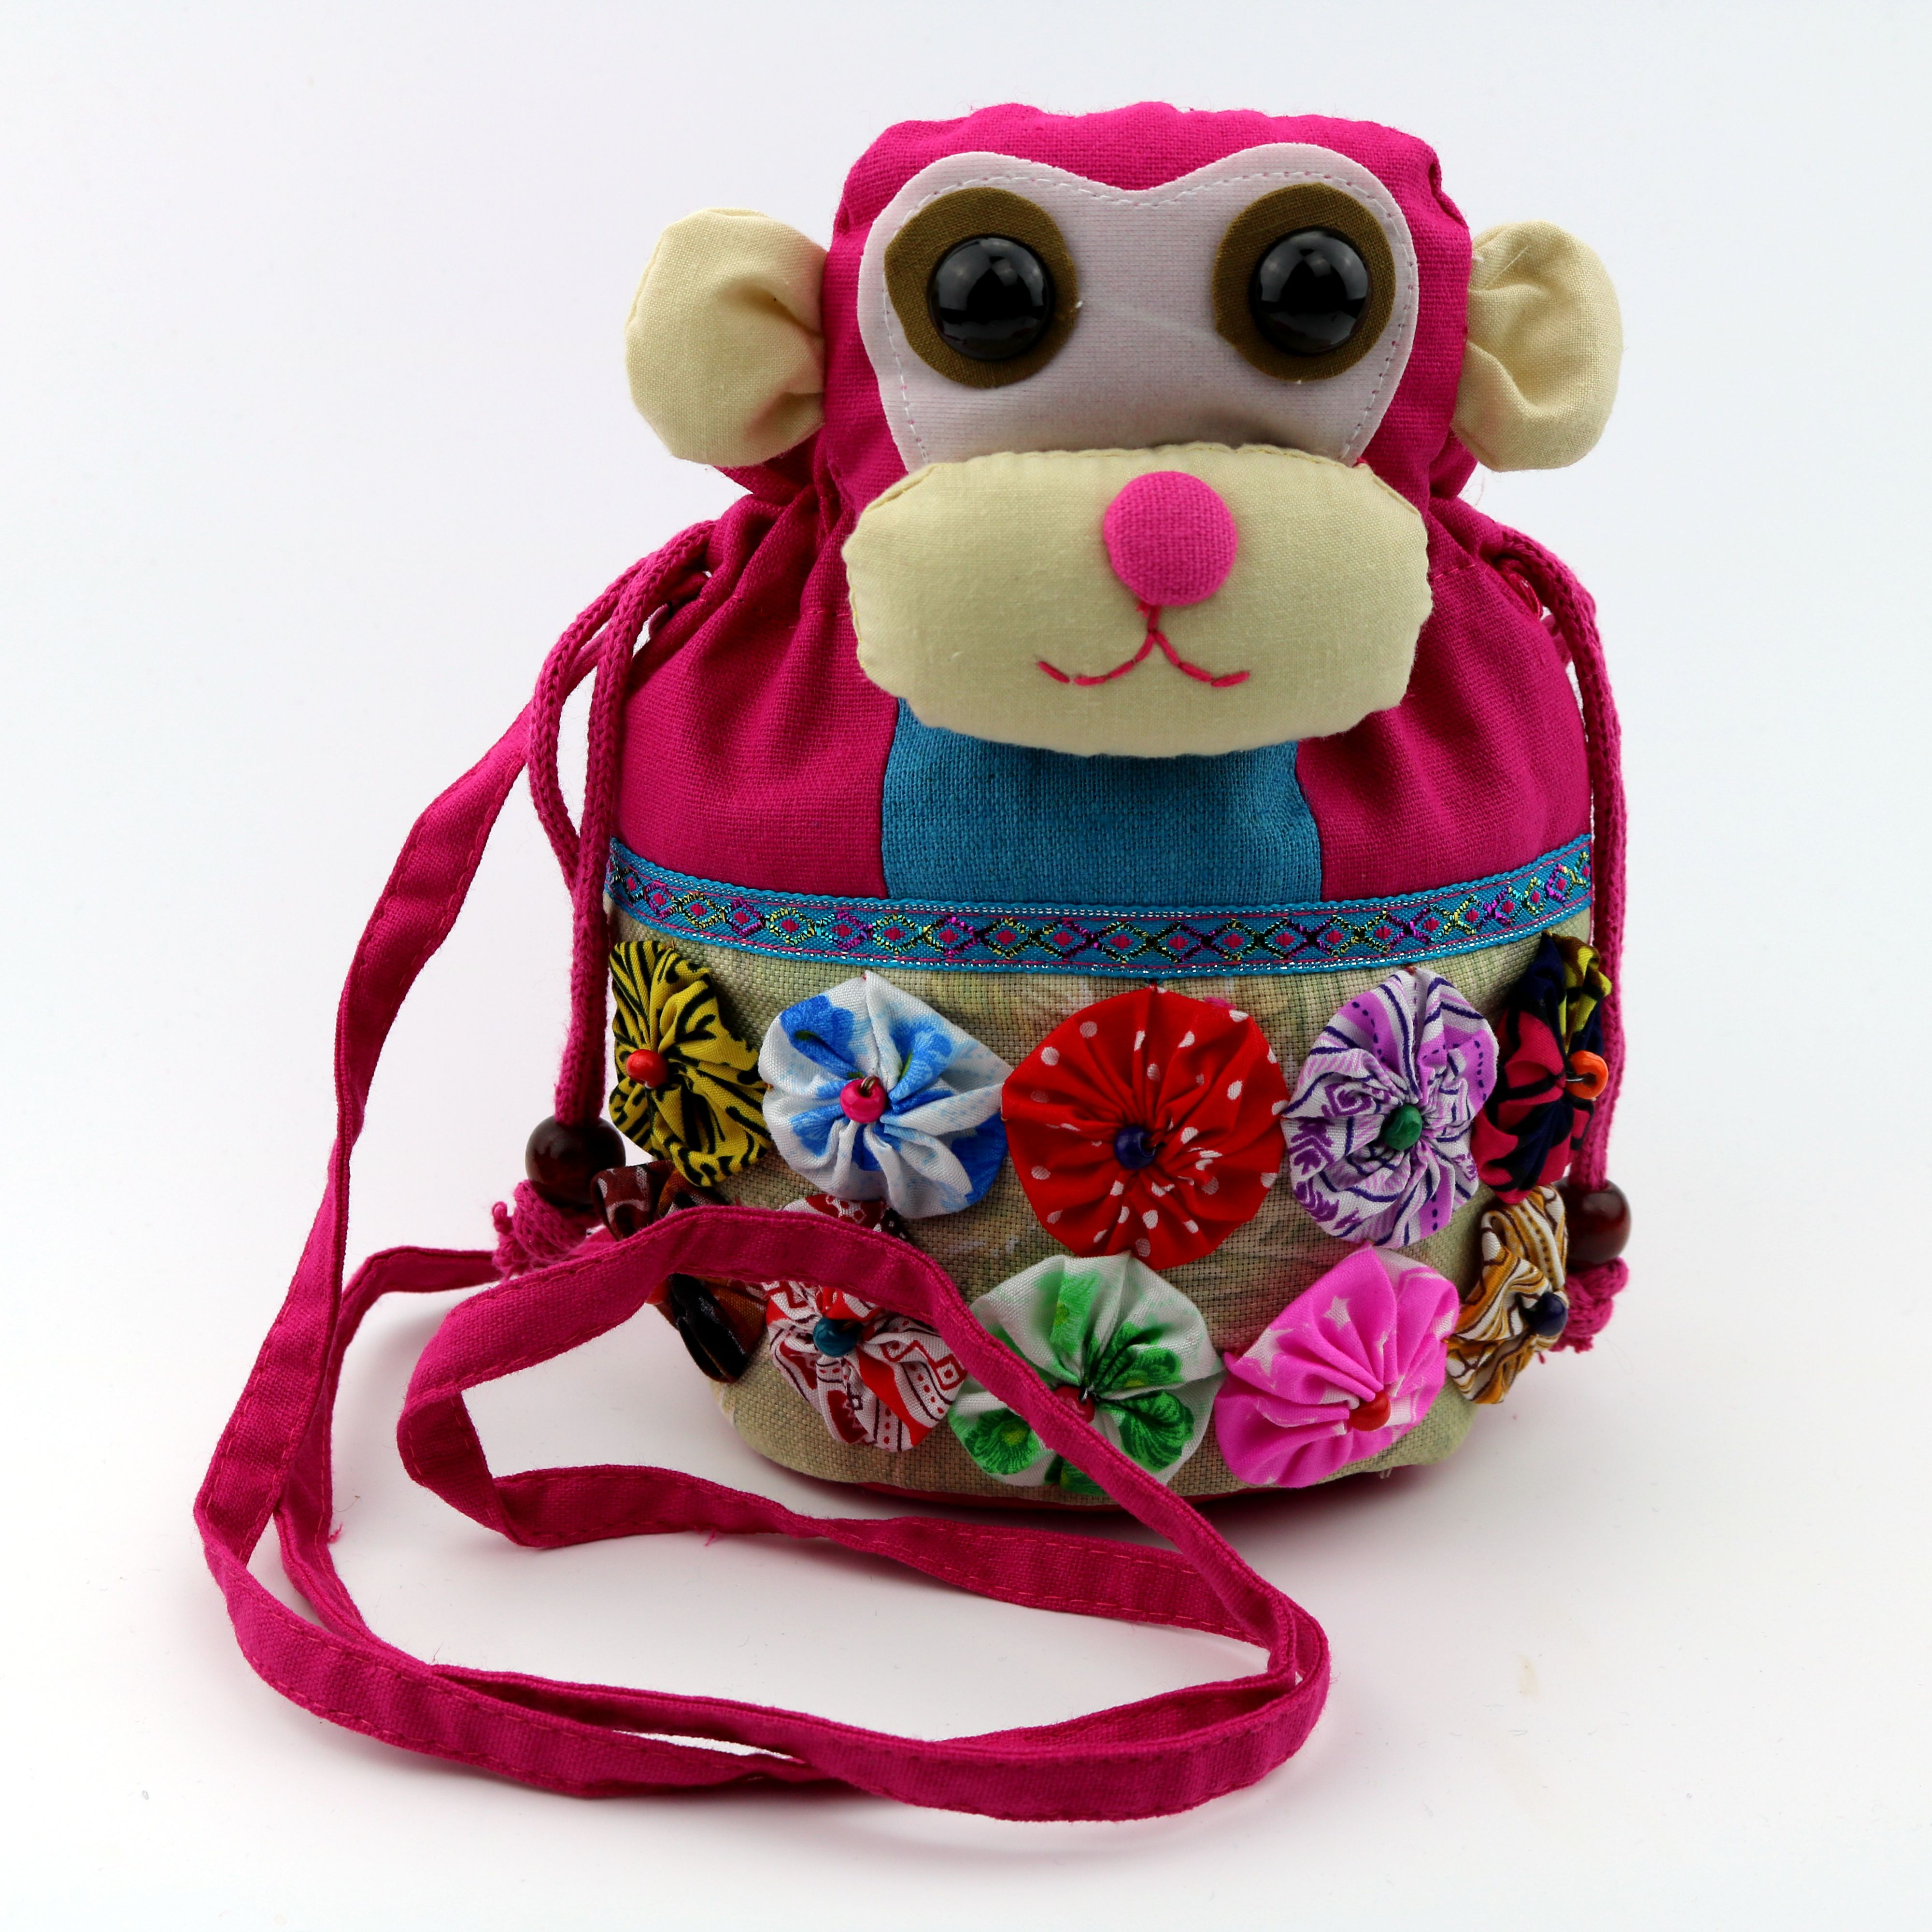 女士单肩斜挎包 民族包动物图案帆布小猴子休闲动物形软把拼接是单肩斜挎女士包袋_推荐淘宝好看的女女单肩斜挎包